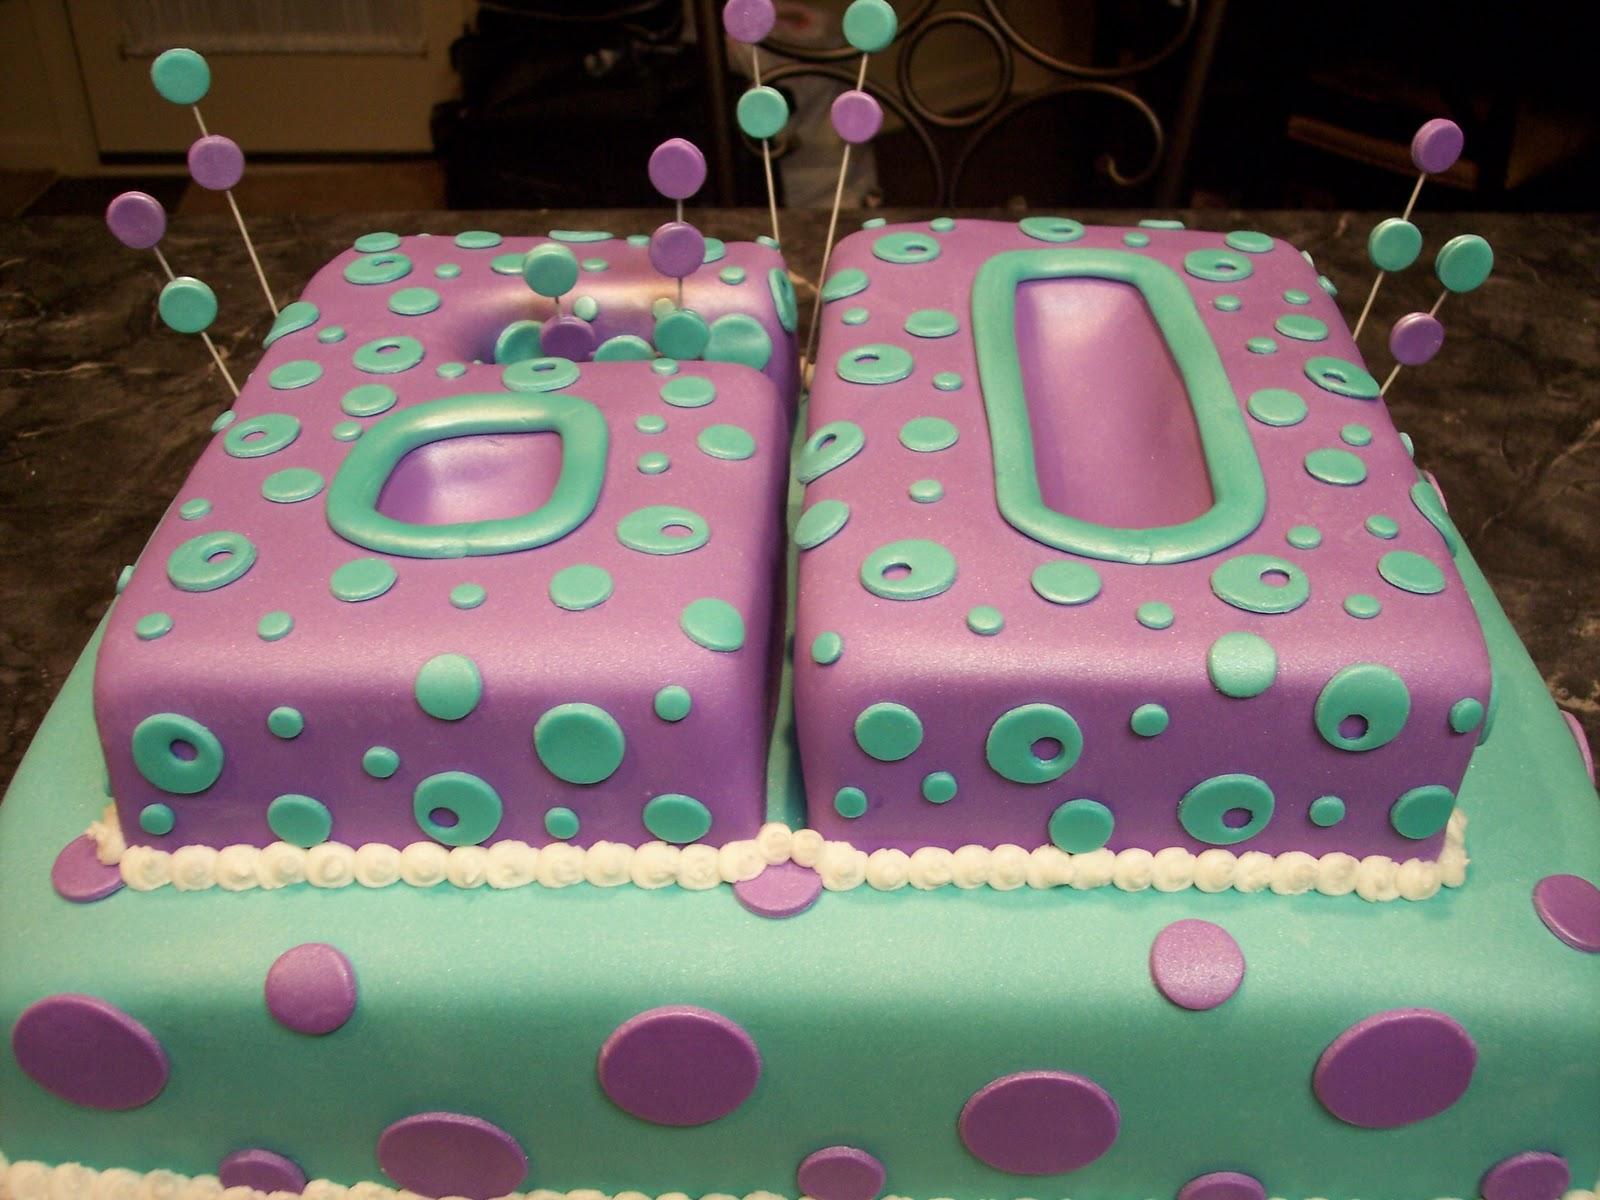 Mymonicakes Number 60 Cake